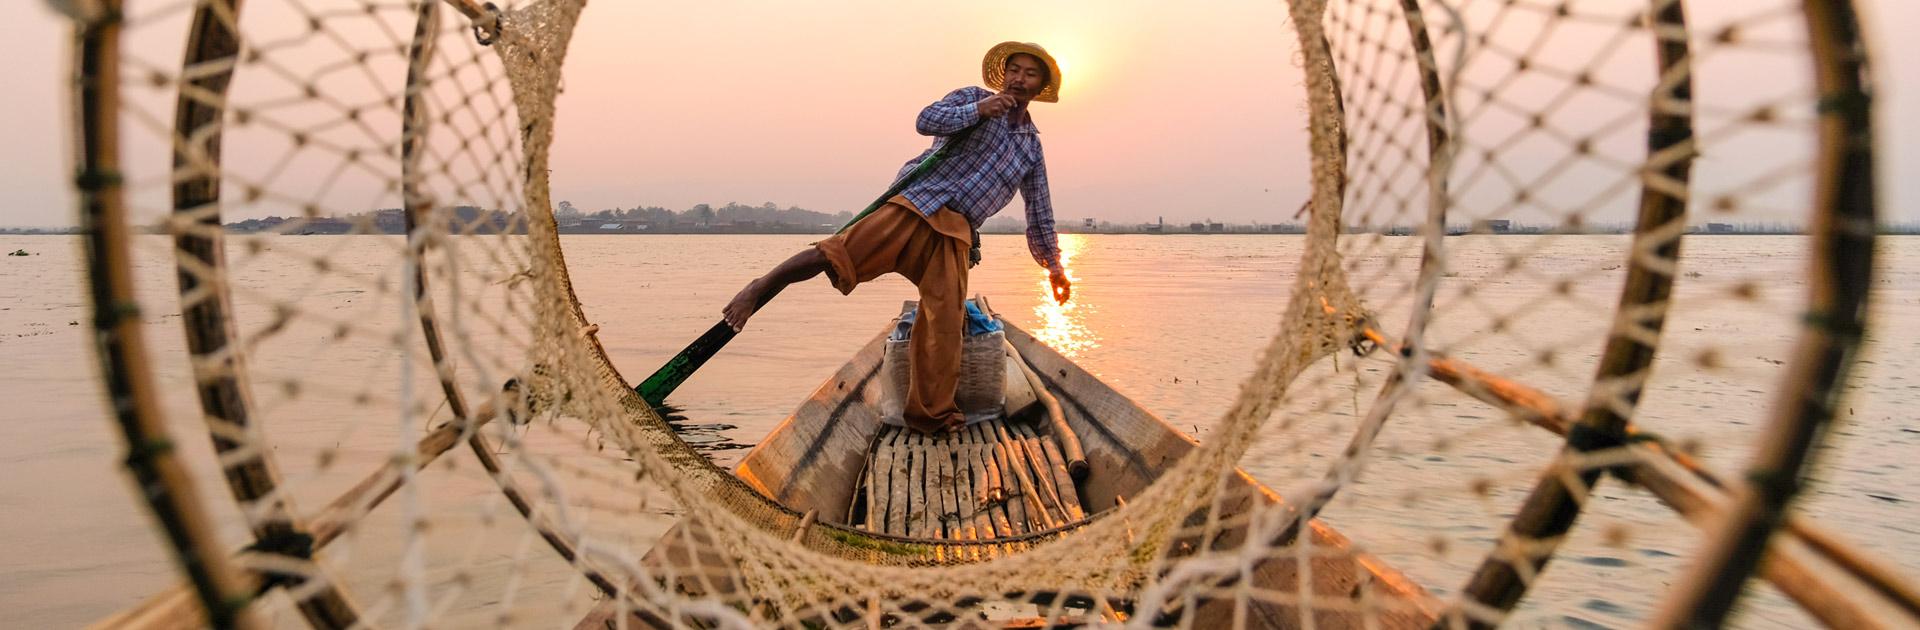 MM Recorriendo Birmania 10 días 3